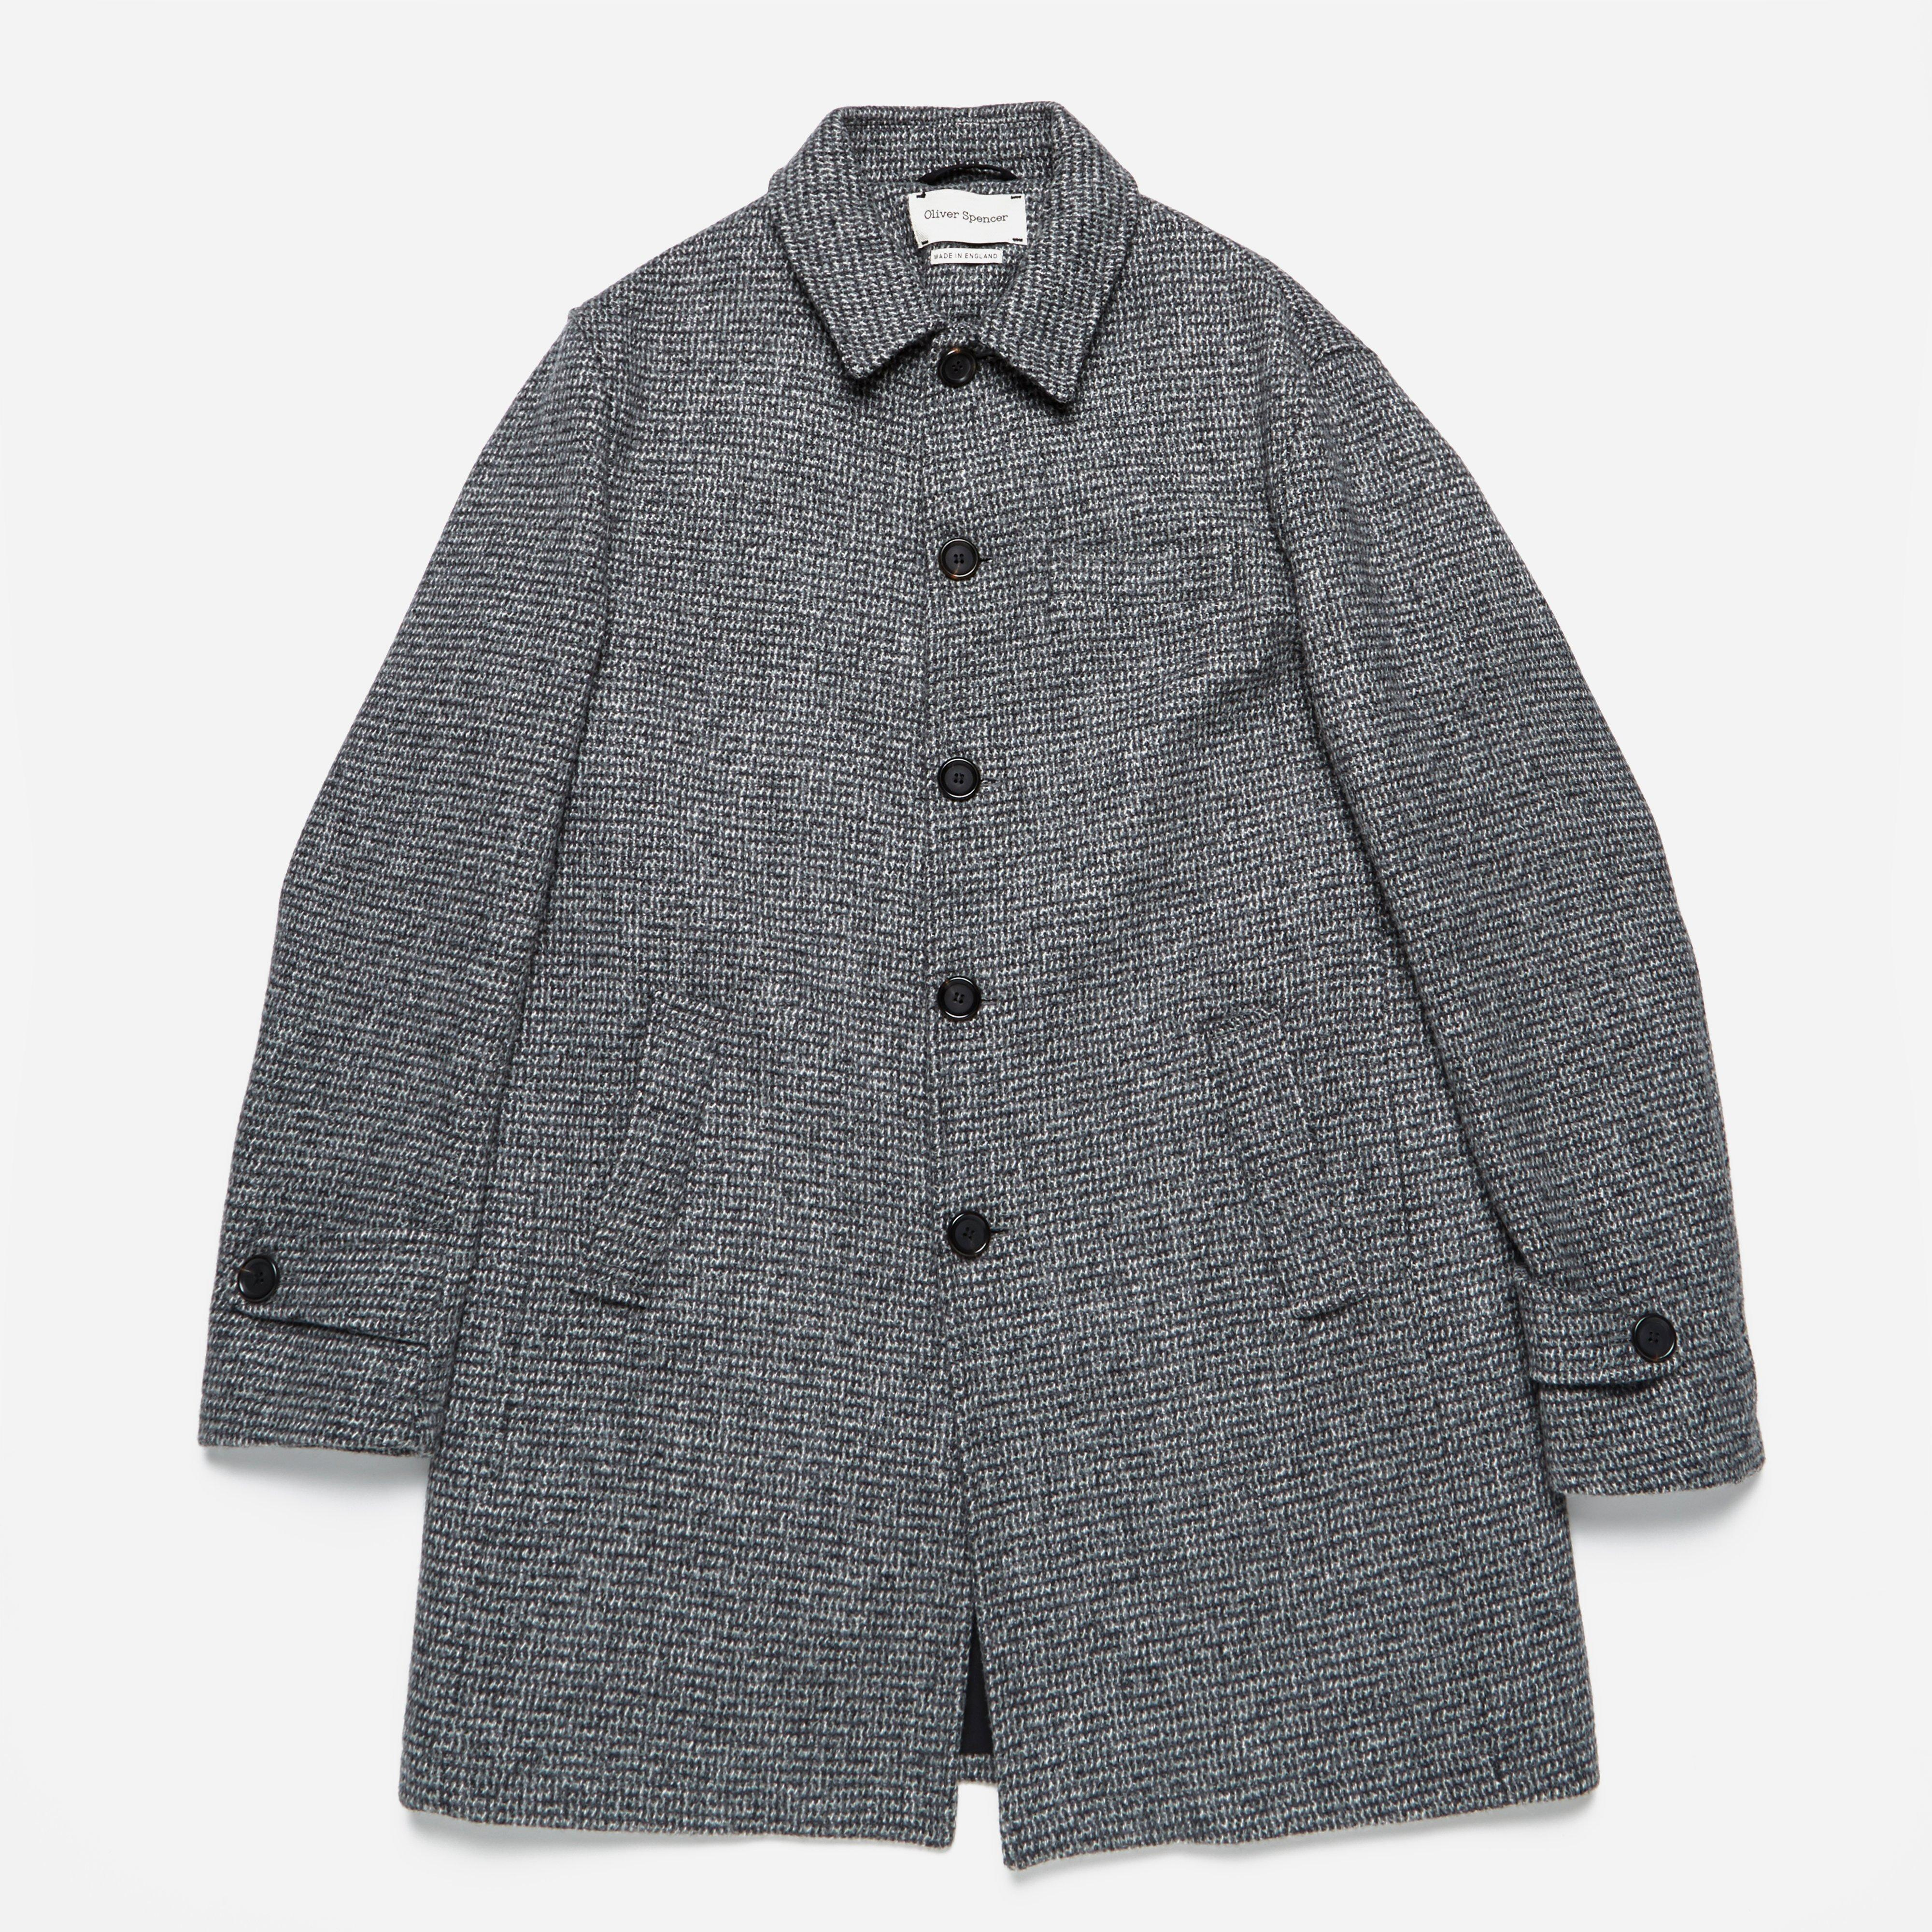 Oliver Spencer Grandpas Coat Belmont Grey